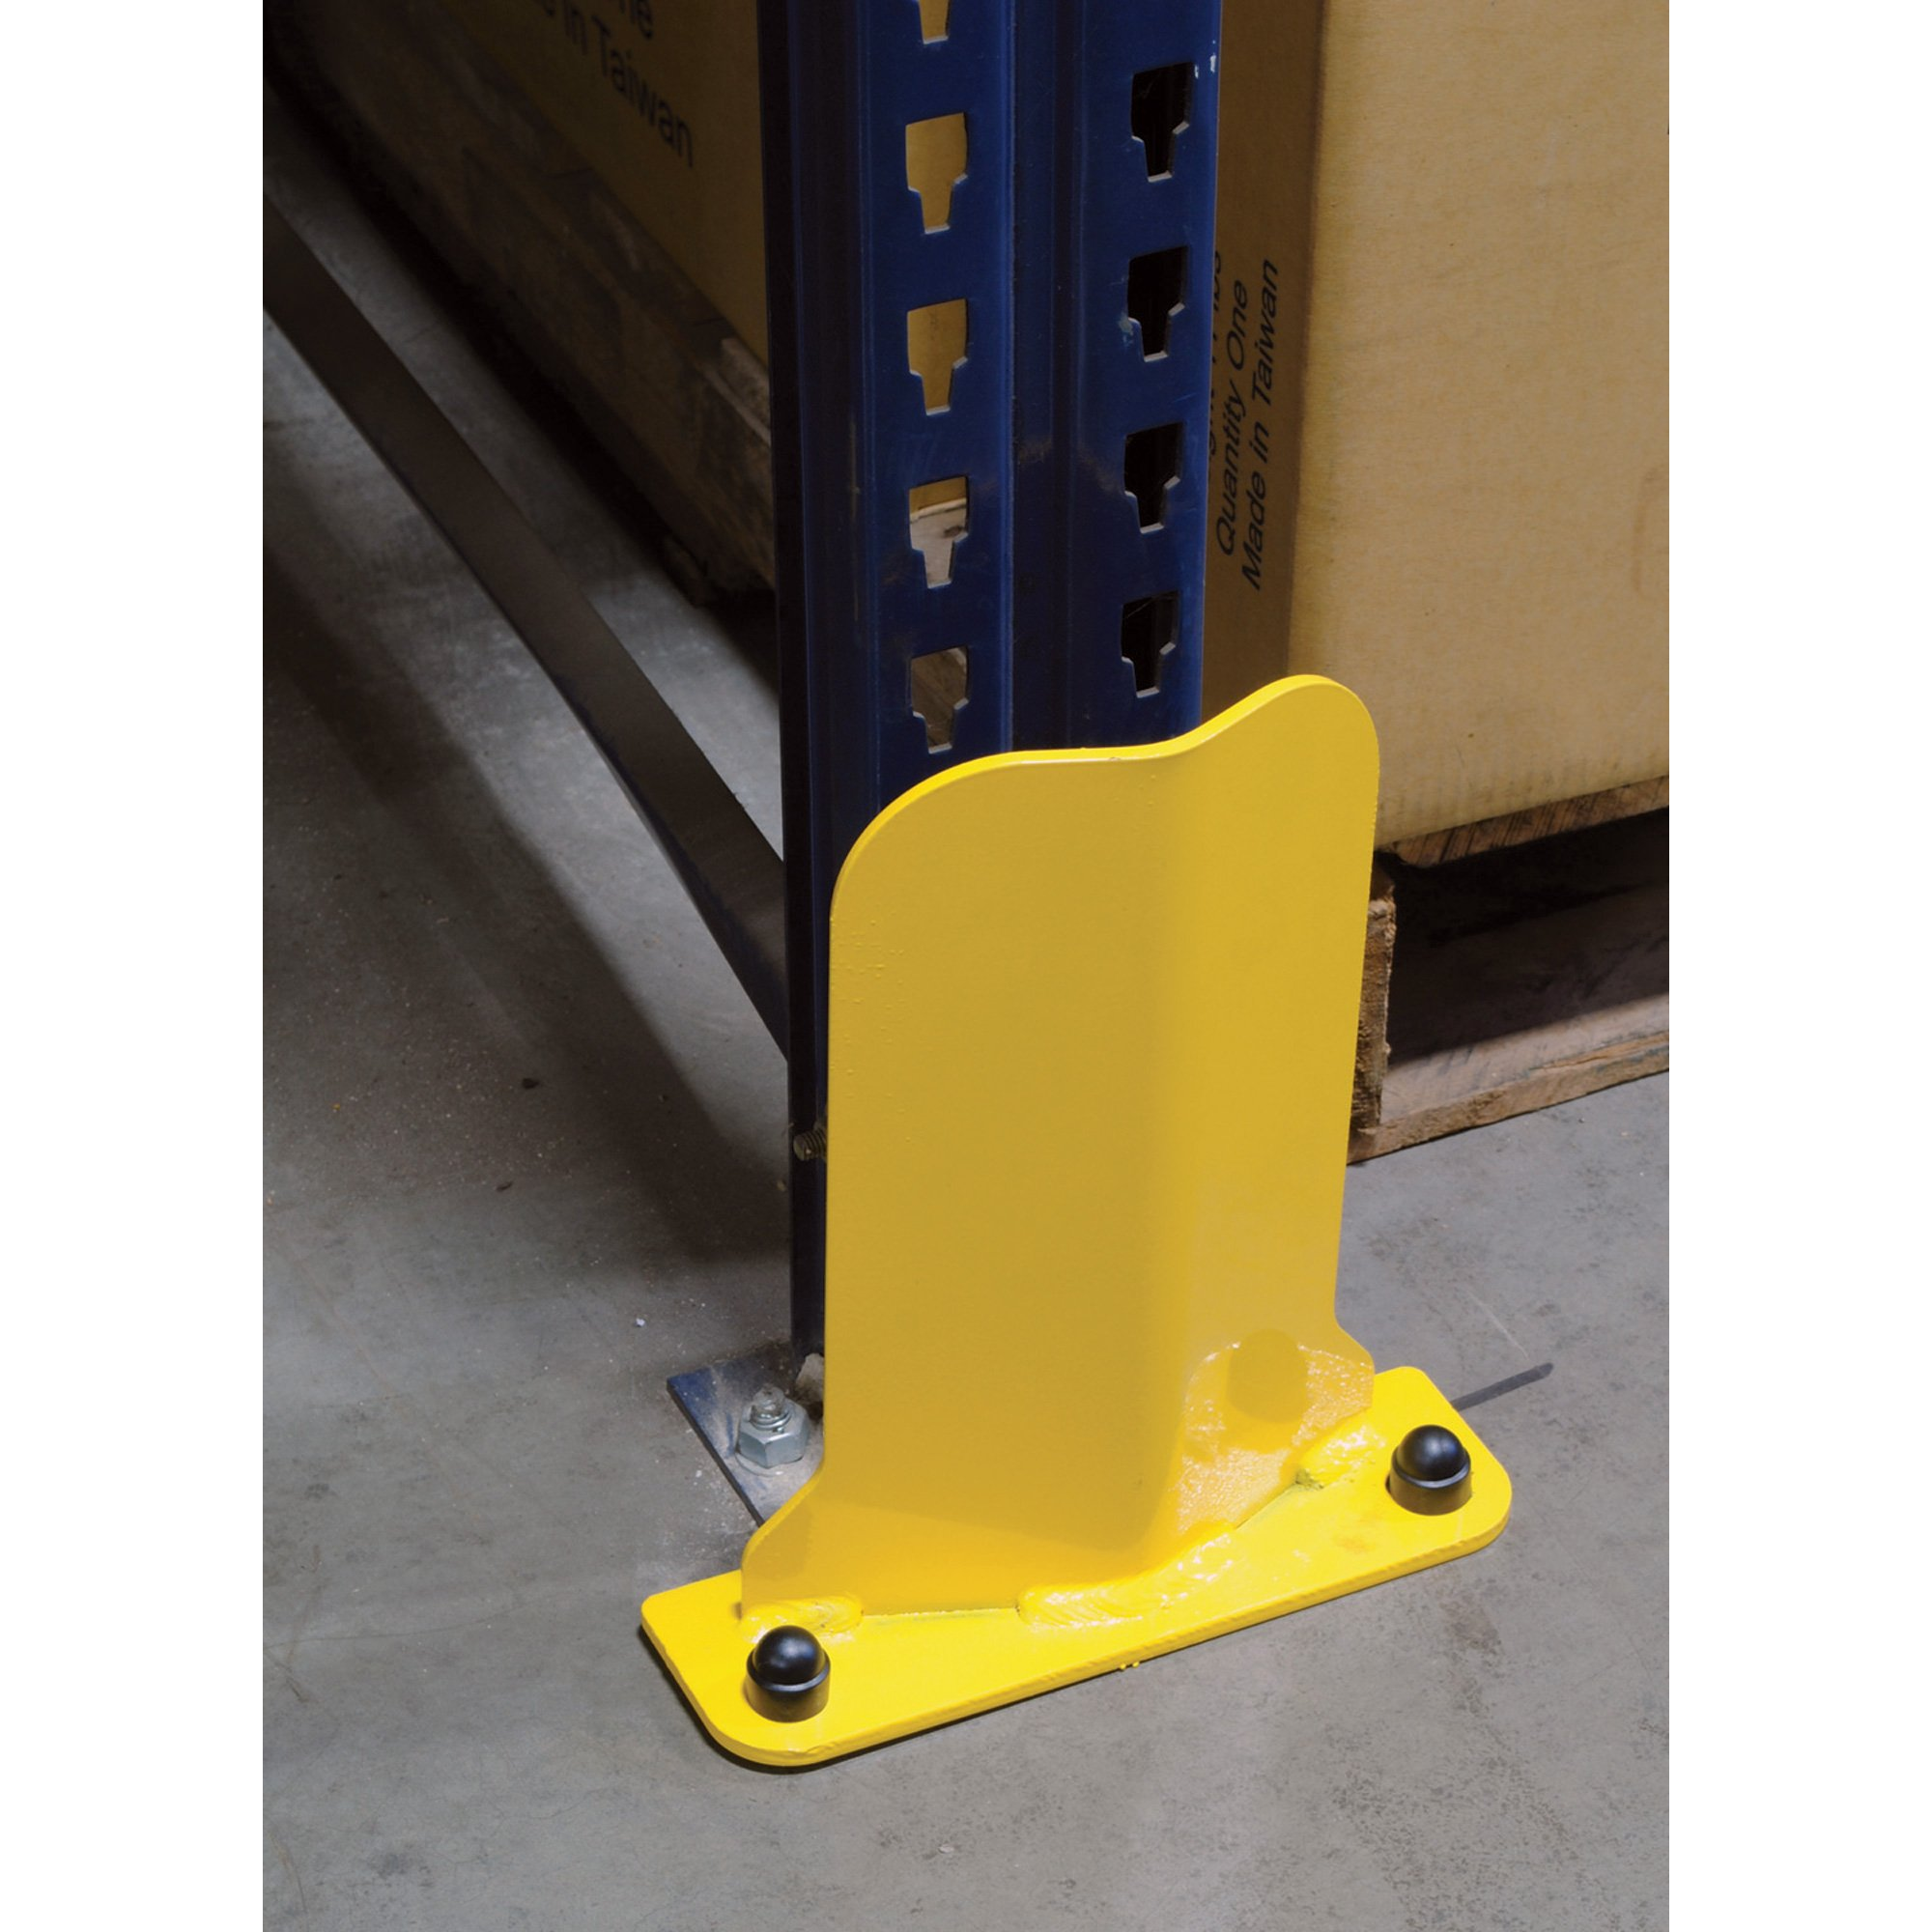 Vestil Low-Profile Rack Guard - 23 7/8in.H, 6 1/4in.W x 1in.D Usable Opening, Model# NPG6-24